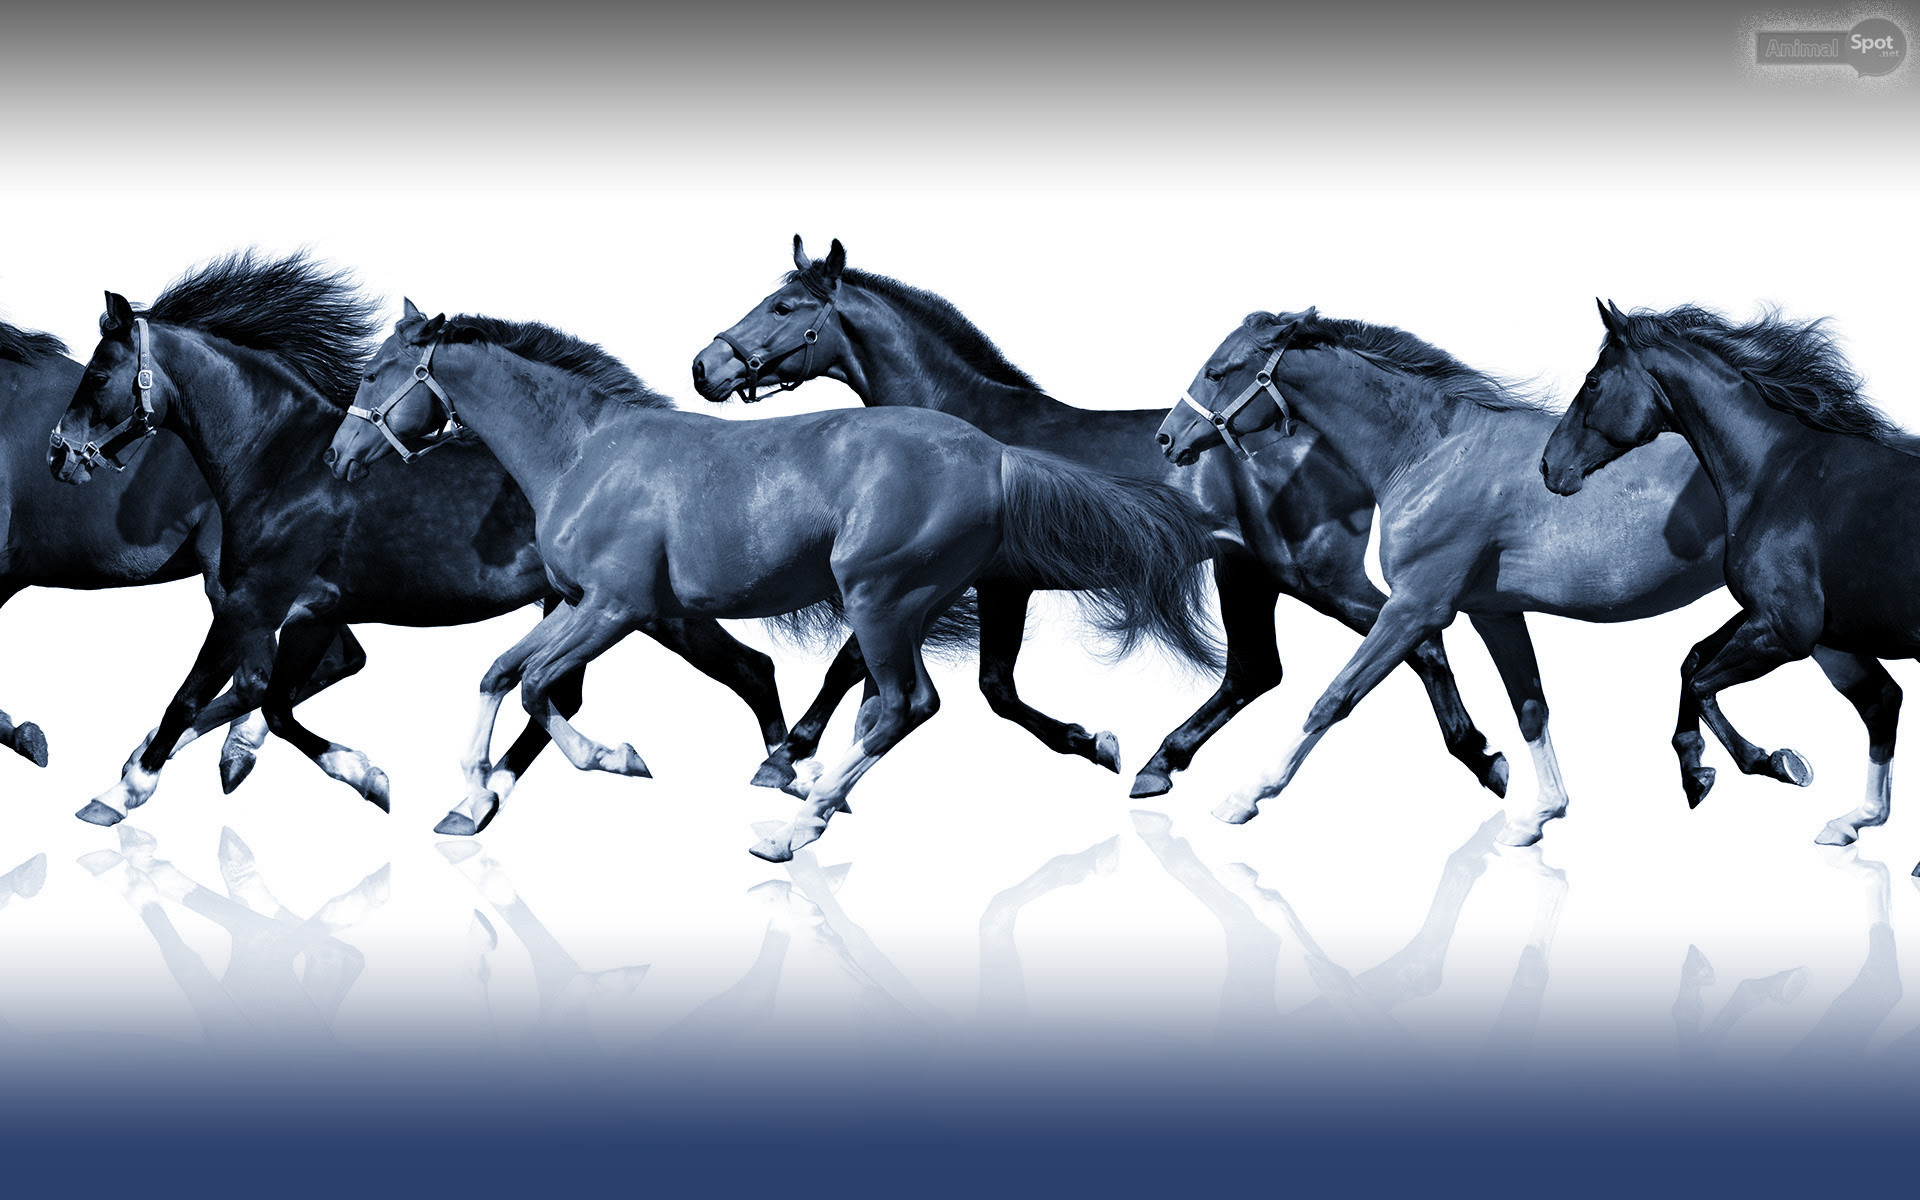 7 Horse Wallpaper Hd For Mobile Artistic Joyful